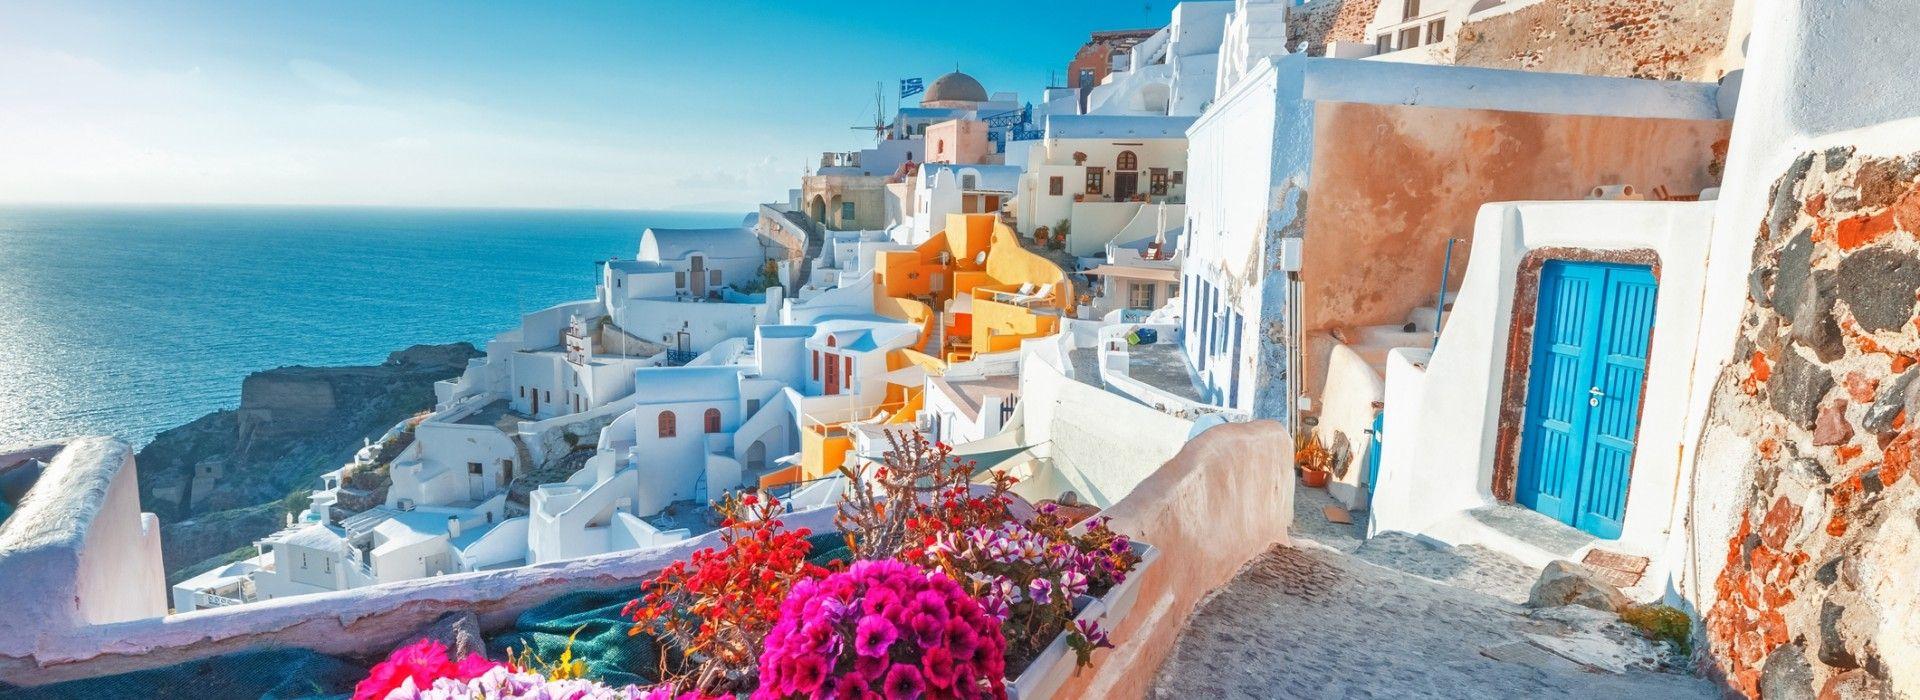 Beaches Tours in Mediterranean